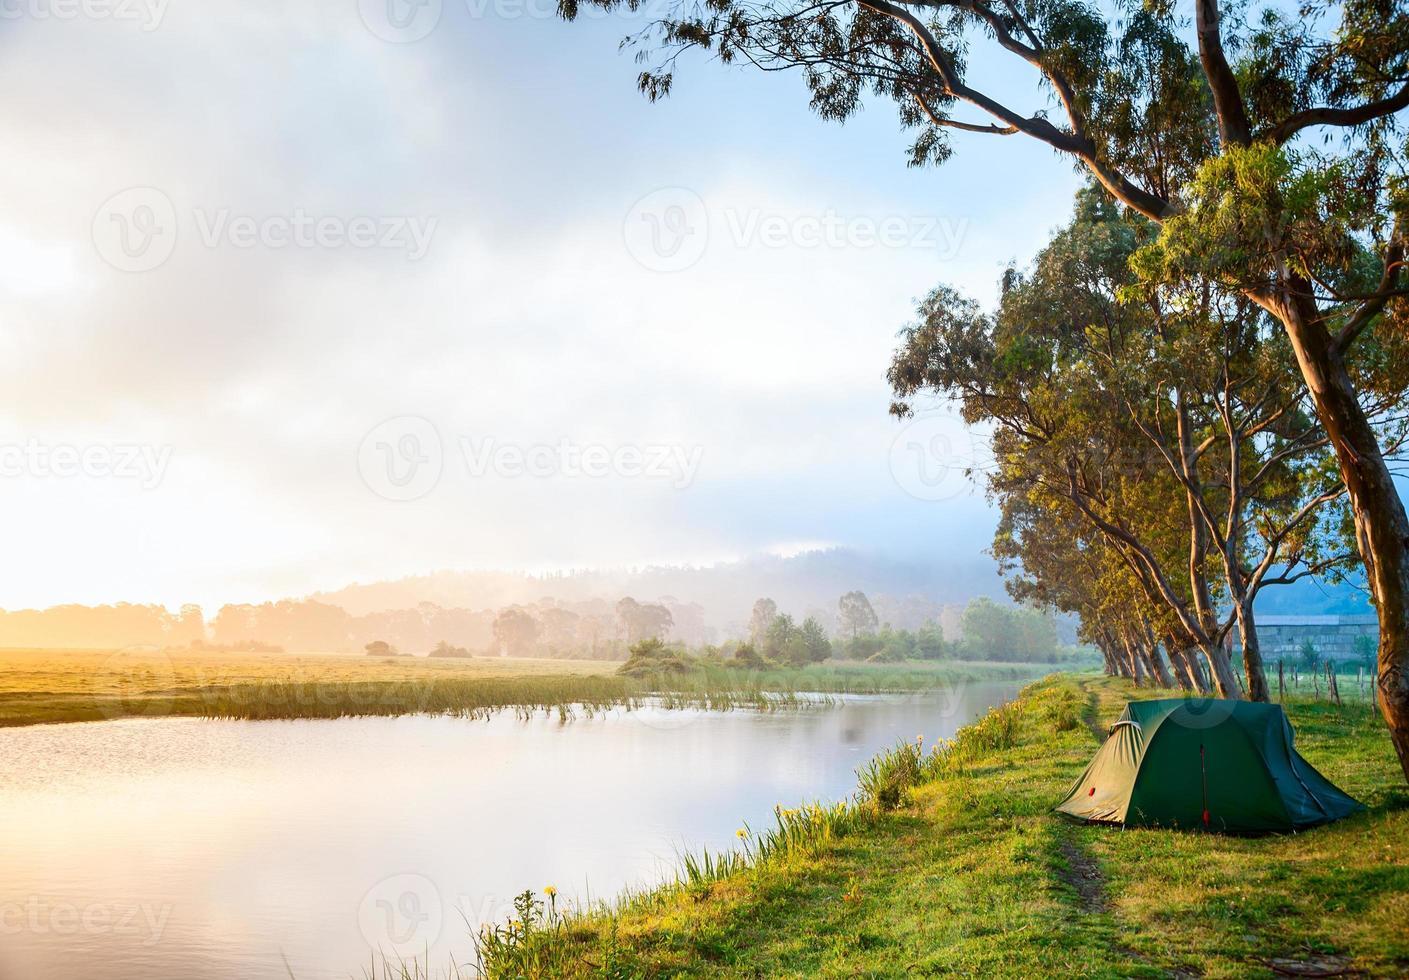 Camping an einem Fluss foto